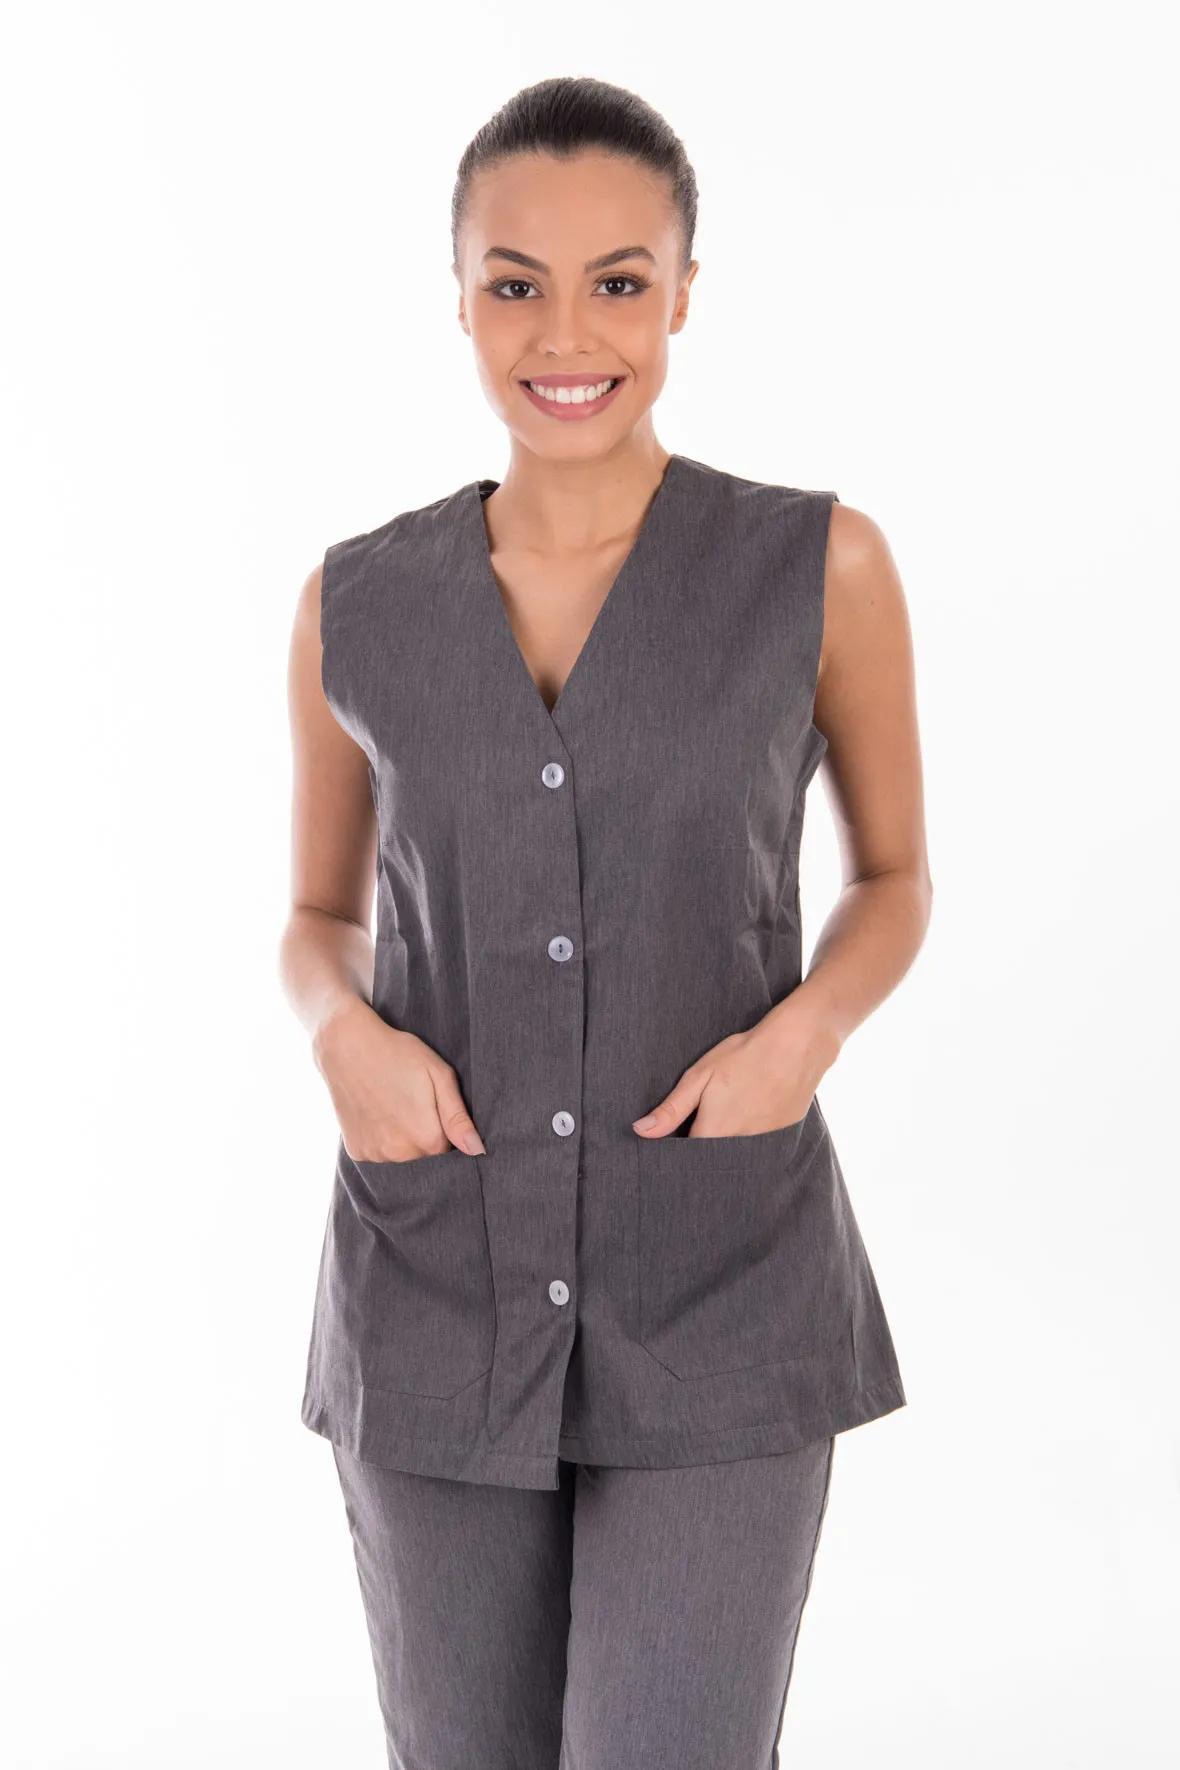 Conjunto de colete com calça em algodão para copeira, arrumadeira, doméstica